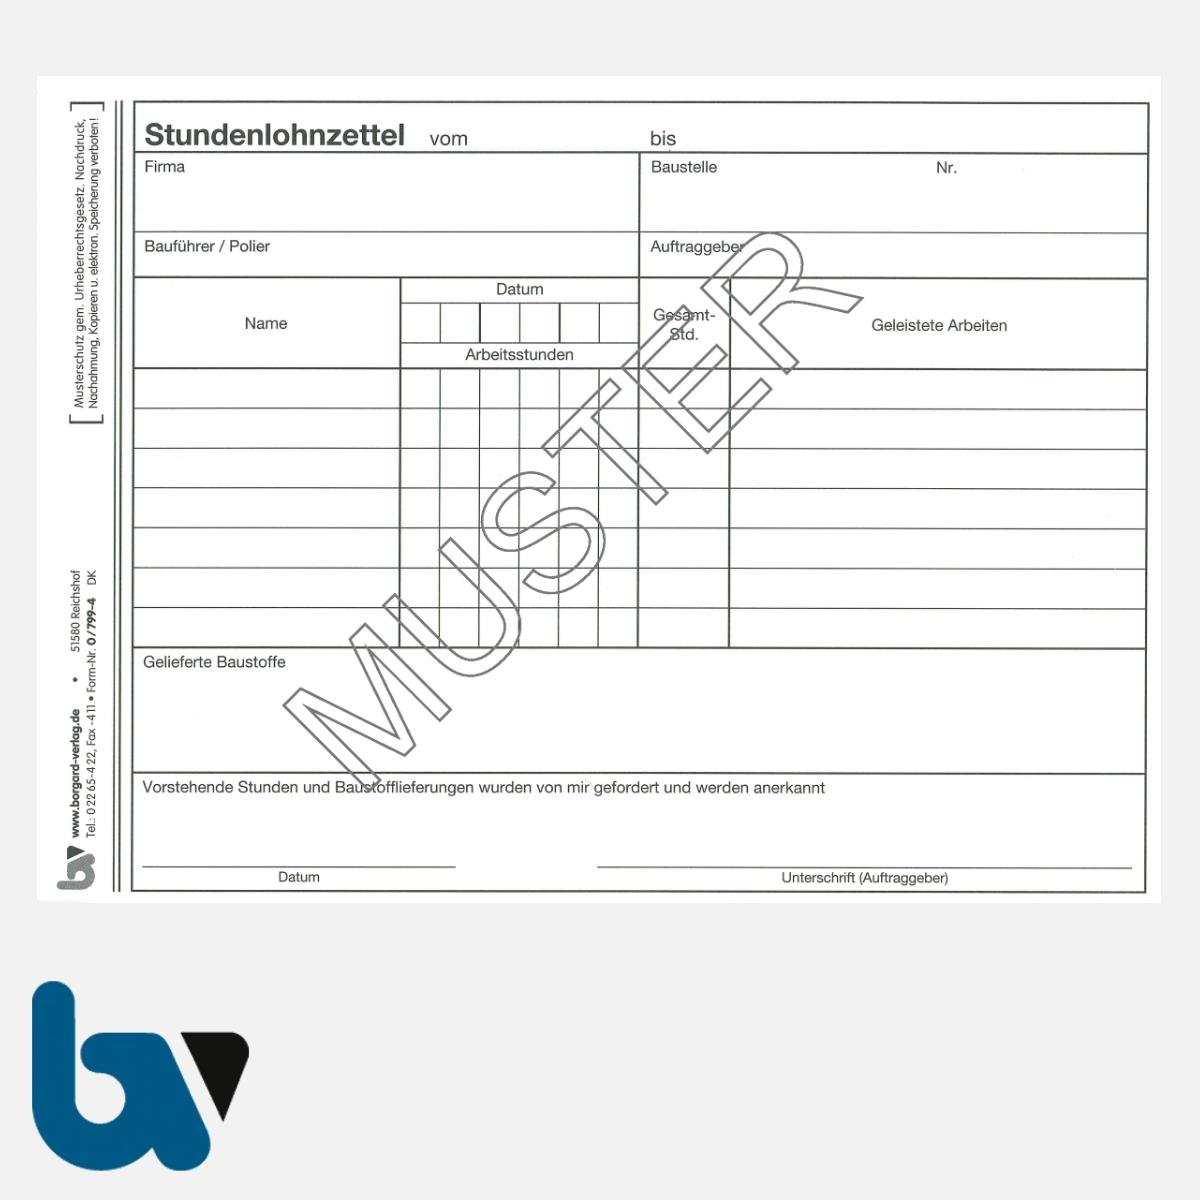 0/799-4 Stundenlohnzettel Baustelle Arbeit Baustoffe selbstdurchschreibend Einschlagdeckel Durchschreibeschutz Schreibschutzdeckel perforiert DIN A5 Seite 1 | Borgard Verlag GmbH